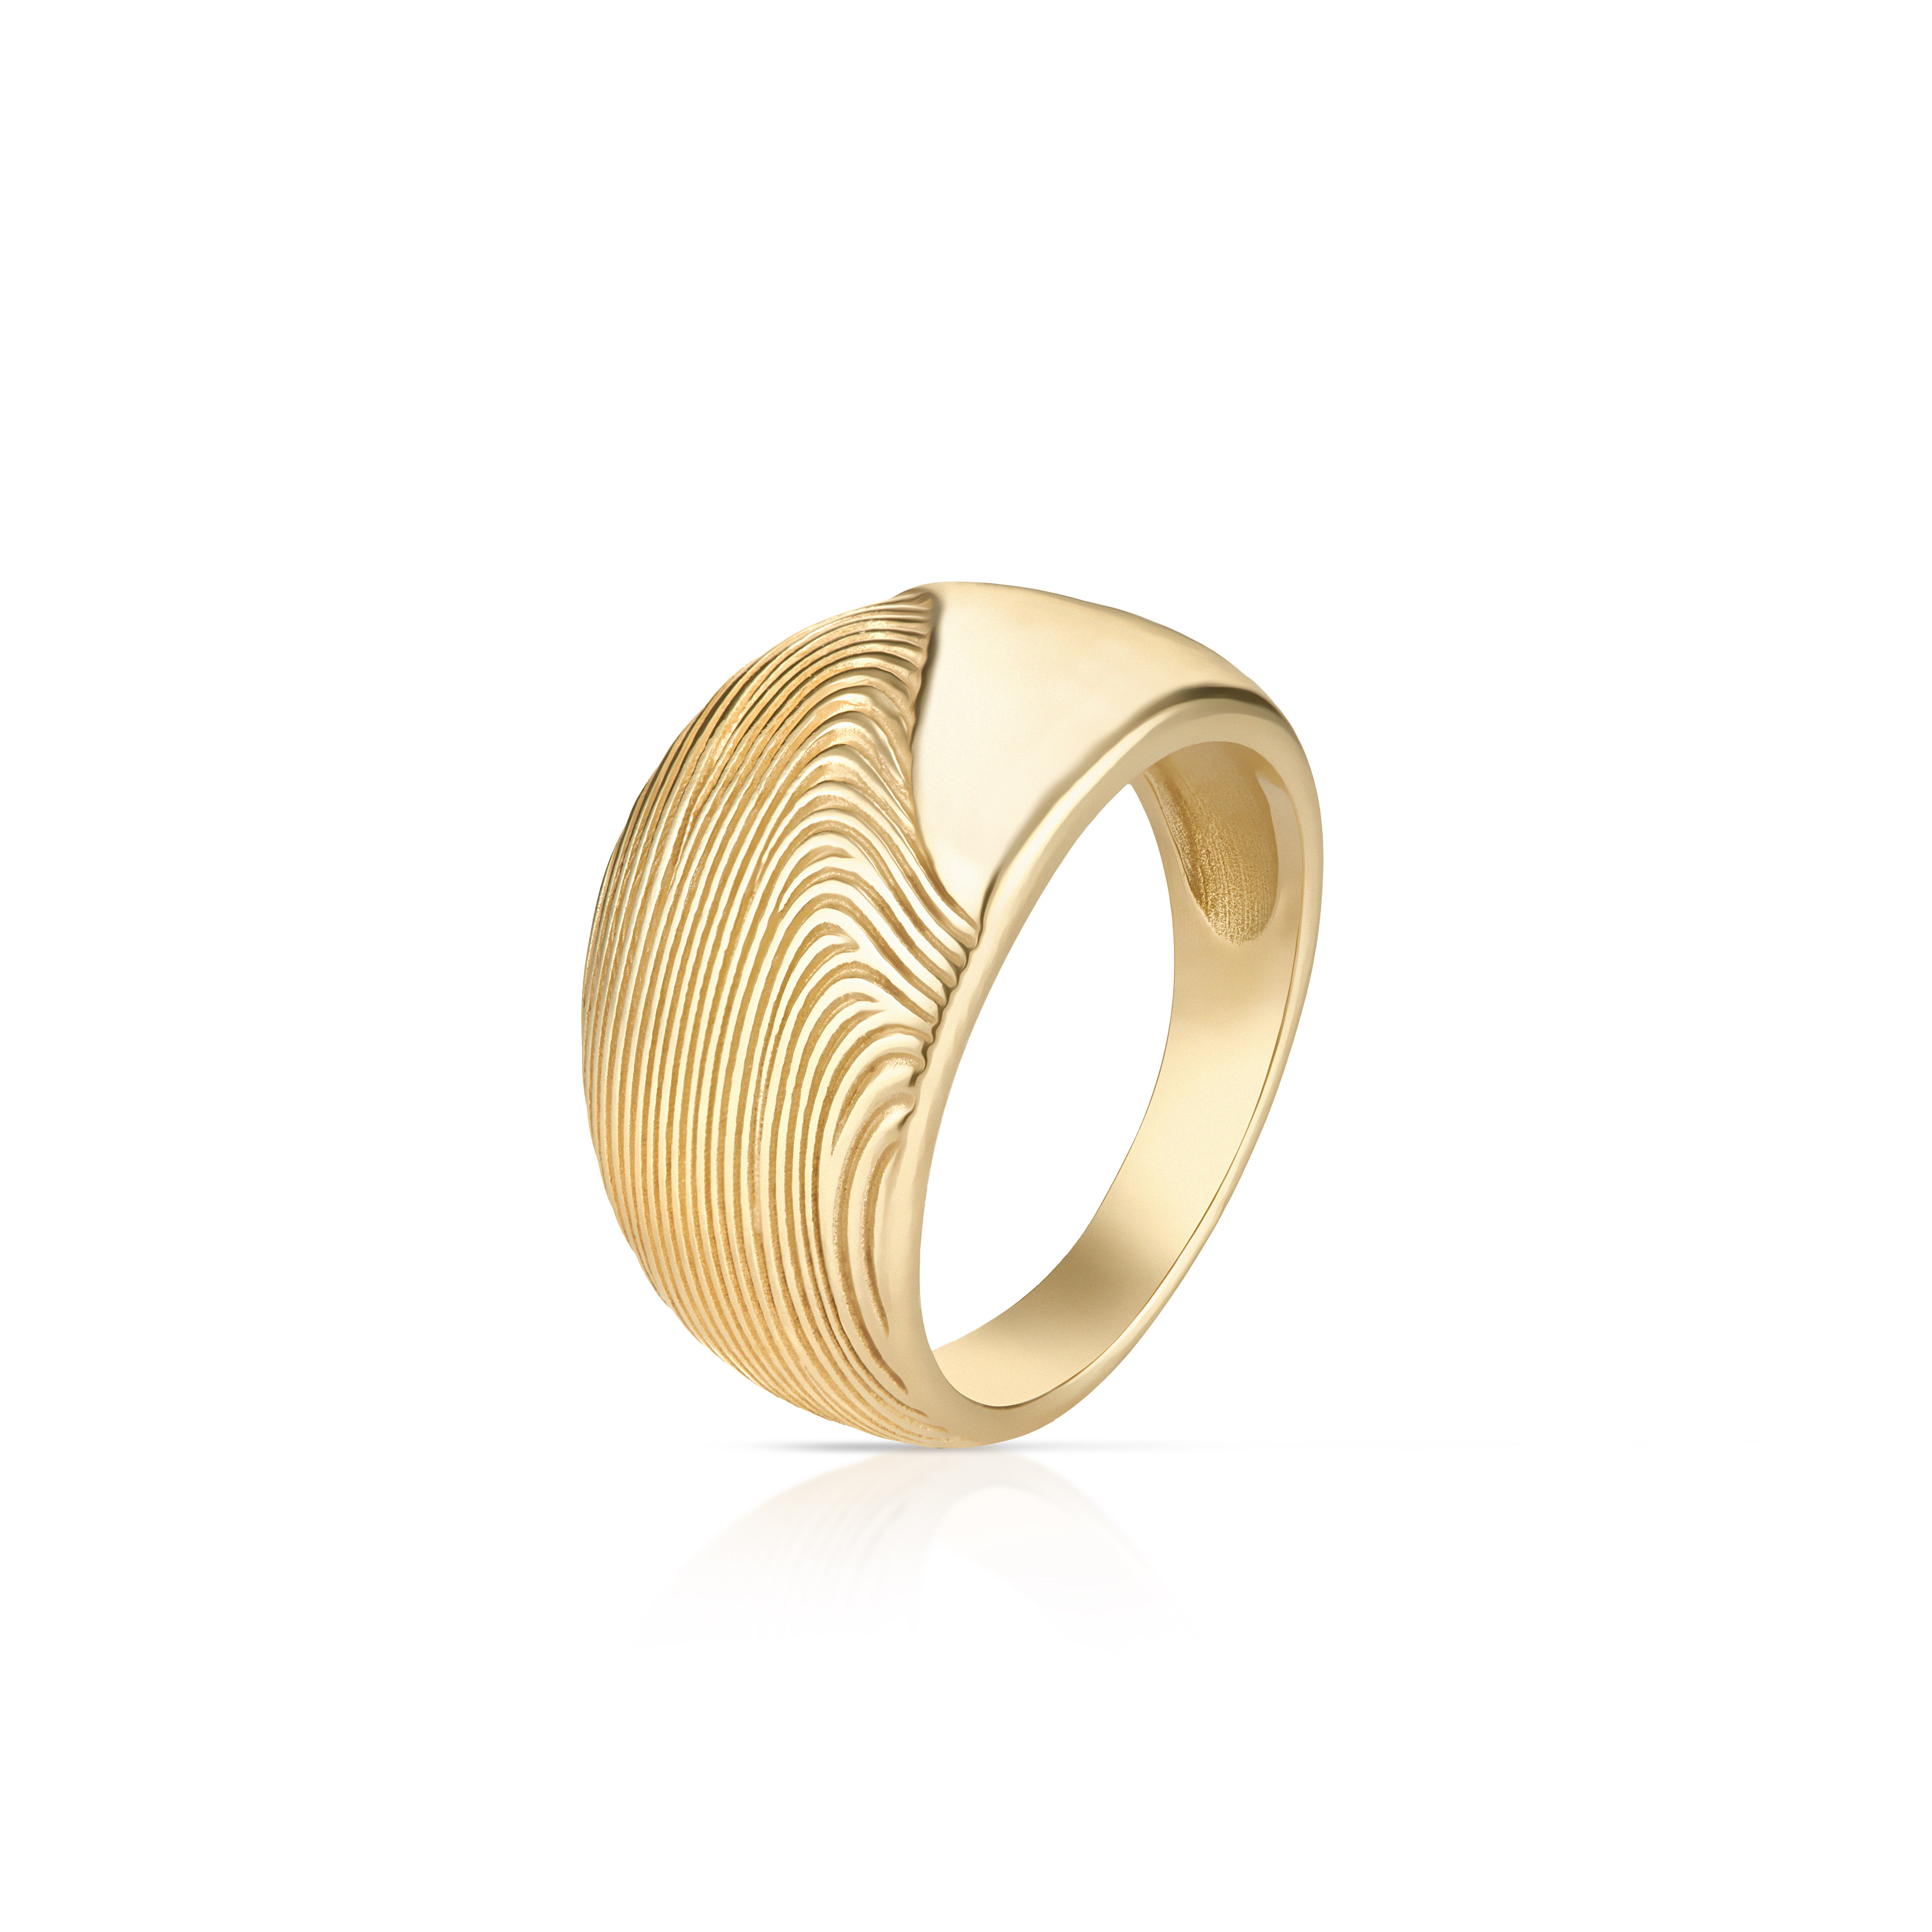 W.KRUK pierścionek MEA, srebro złocone, cena 299 zł